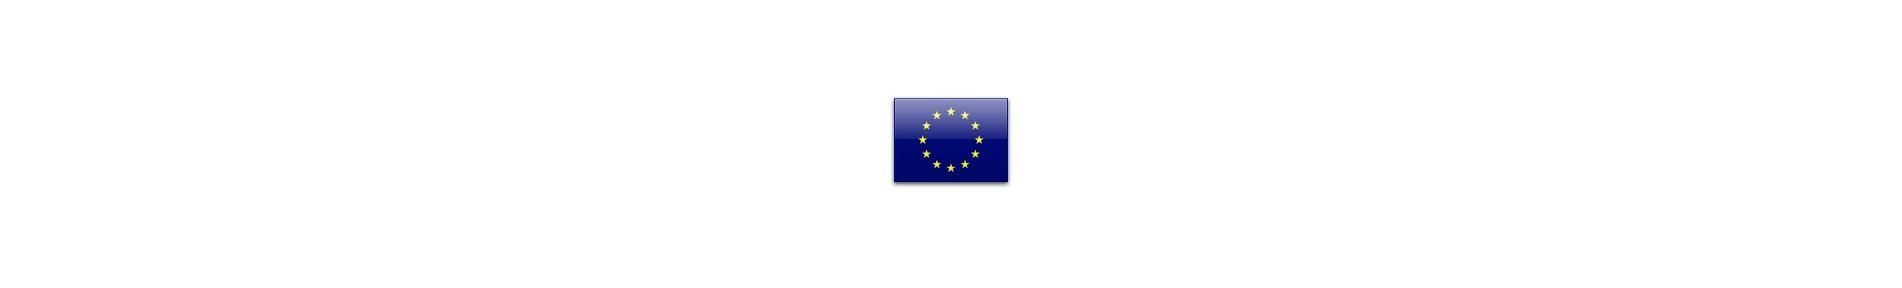 Tema de Europa - Cept